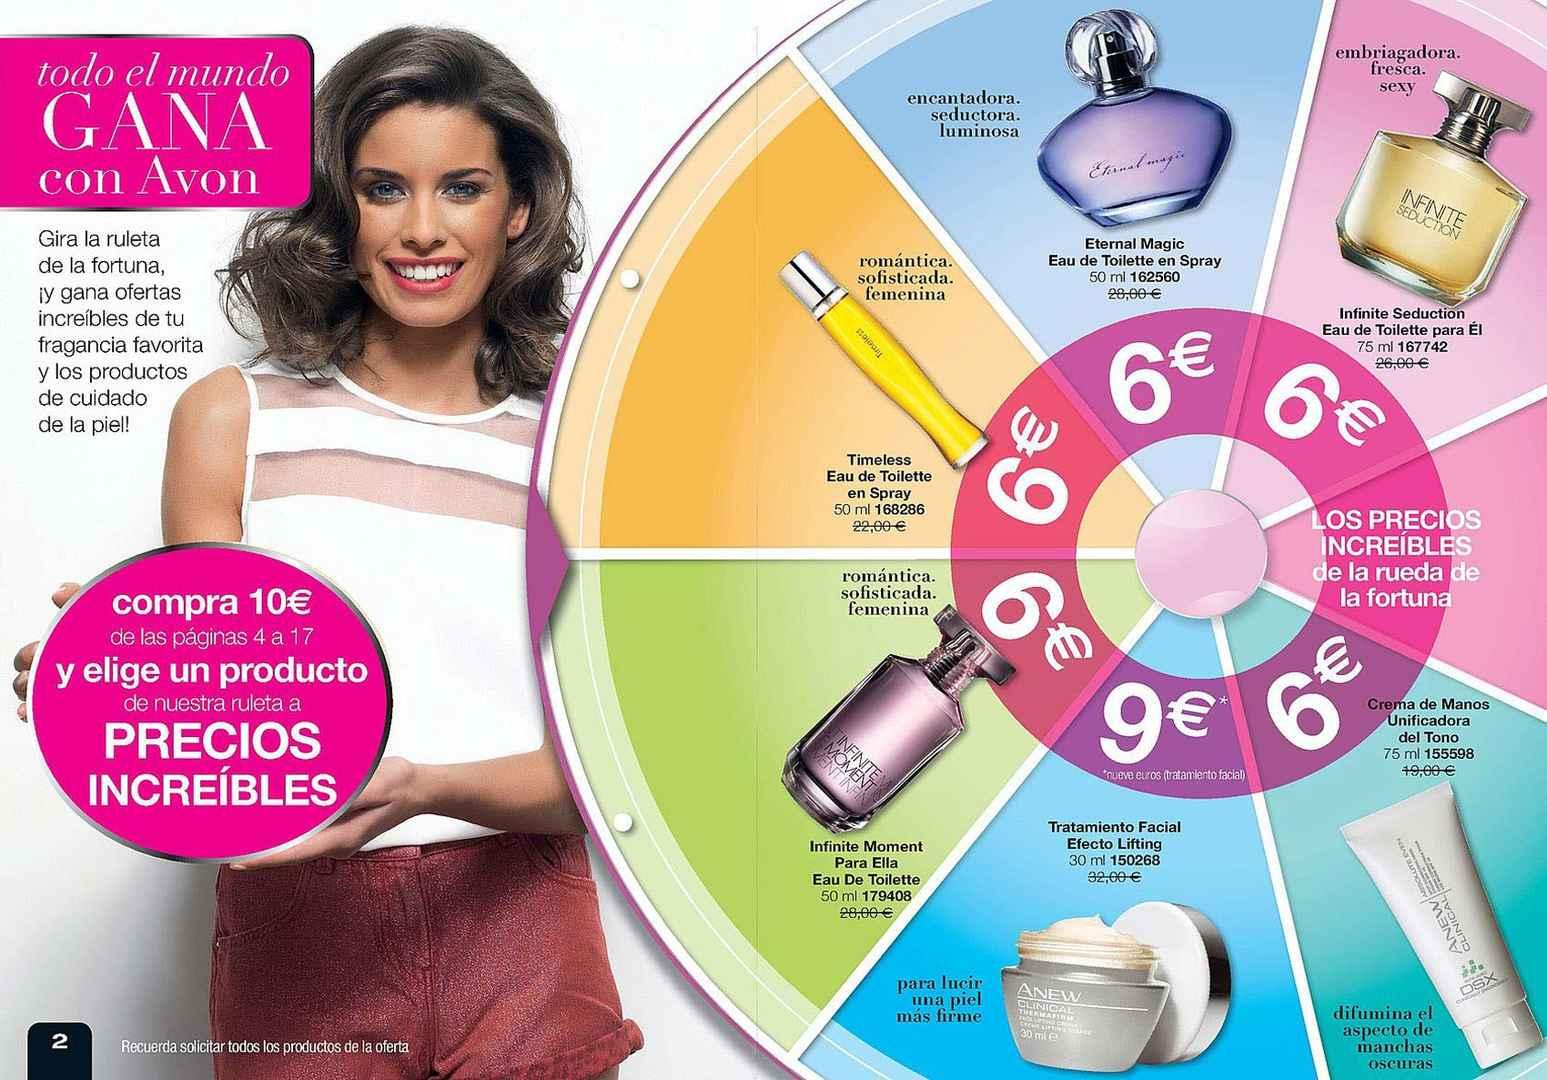 Avon Folleto Campaña 42013 Agosto 2013